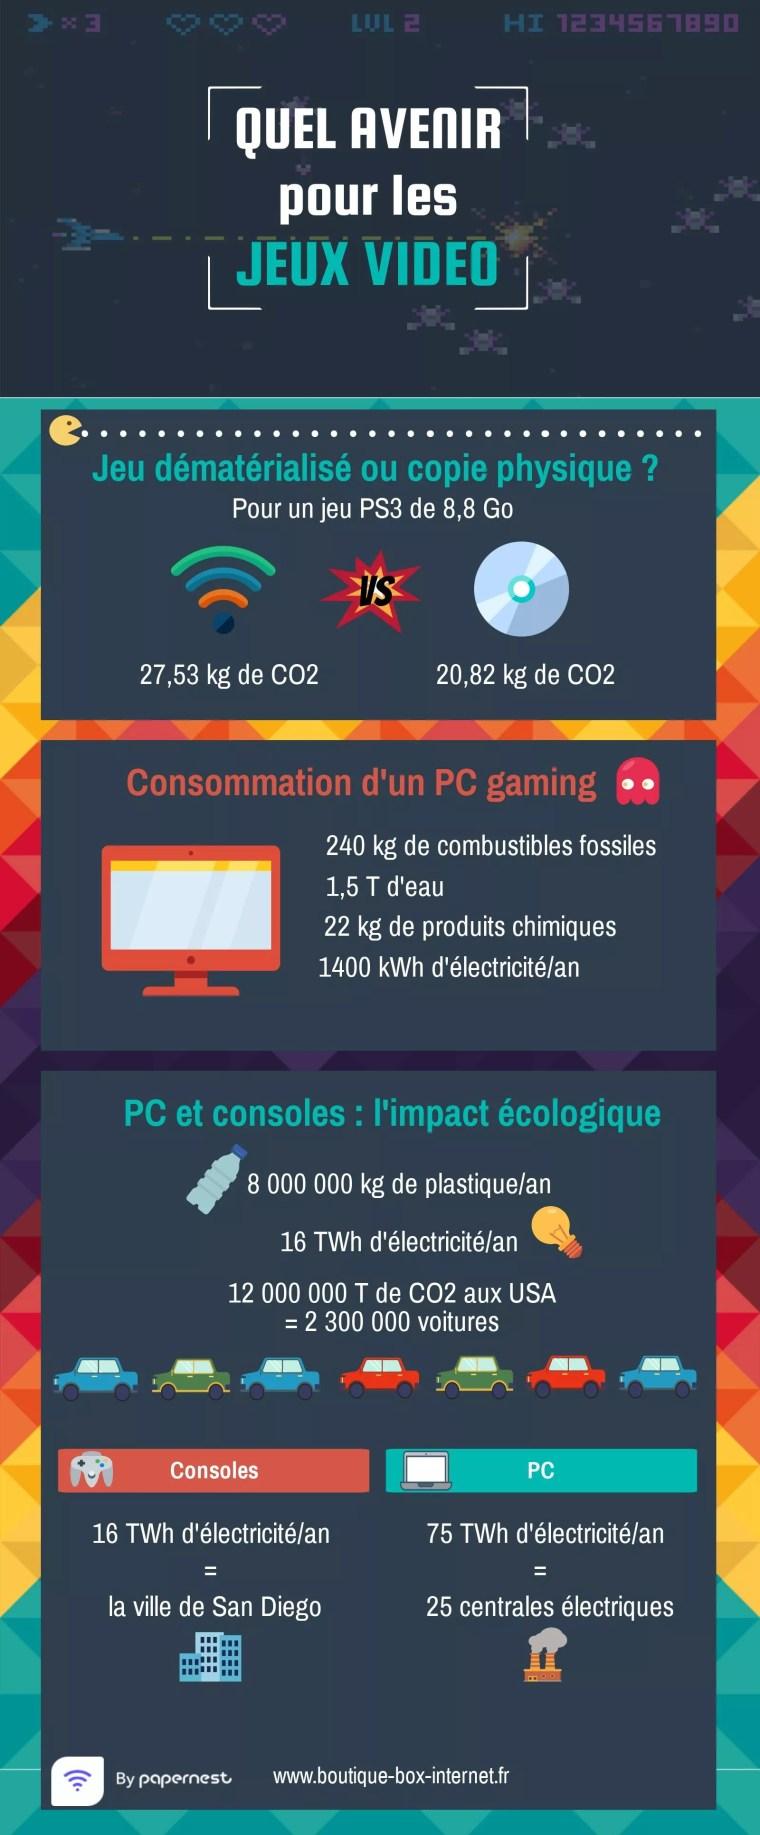 Dossier : l'impact environnemental du jeu vidéo